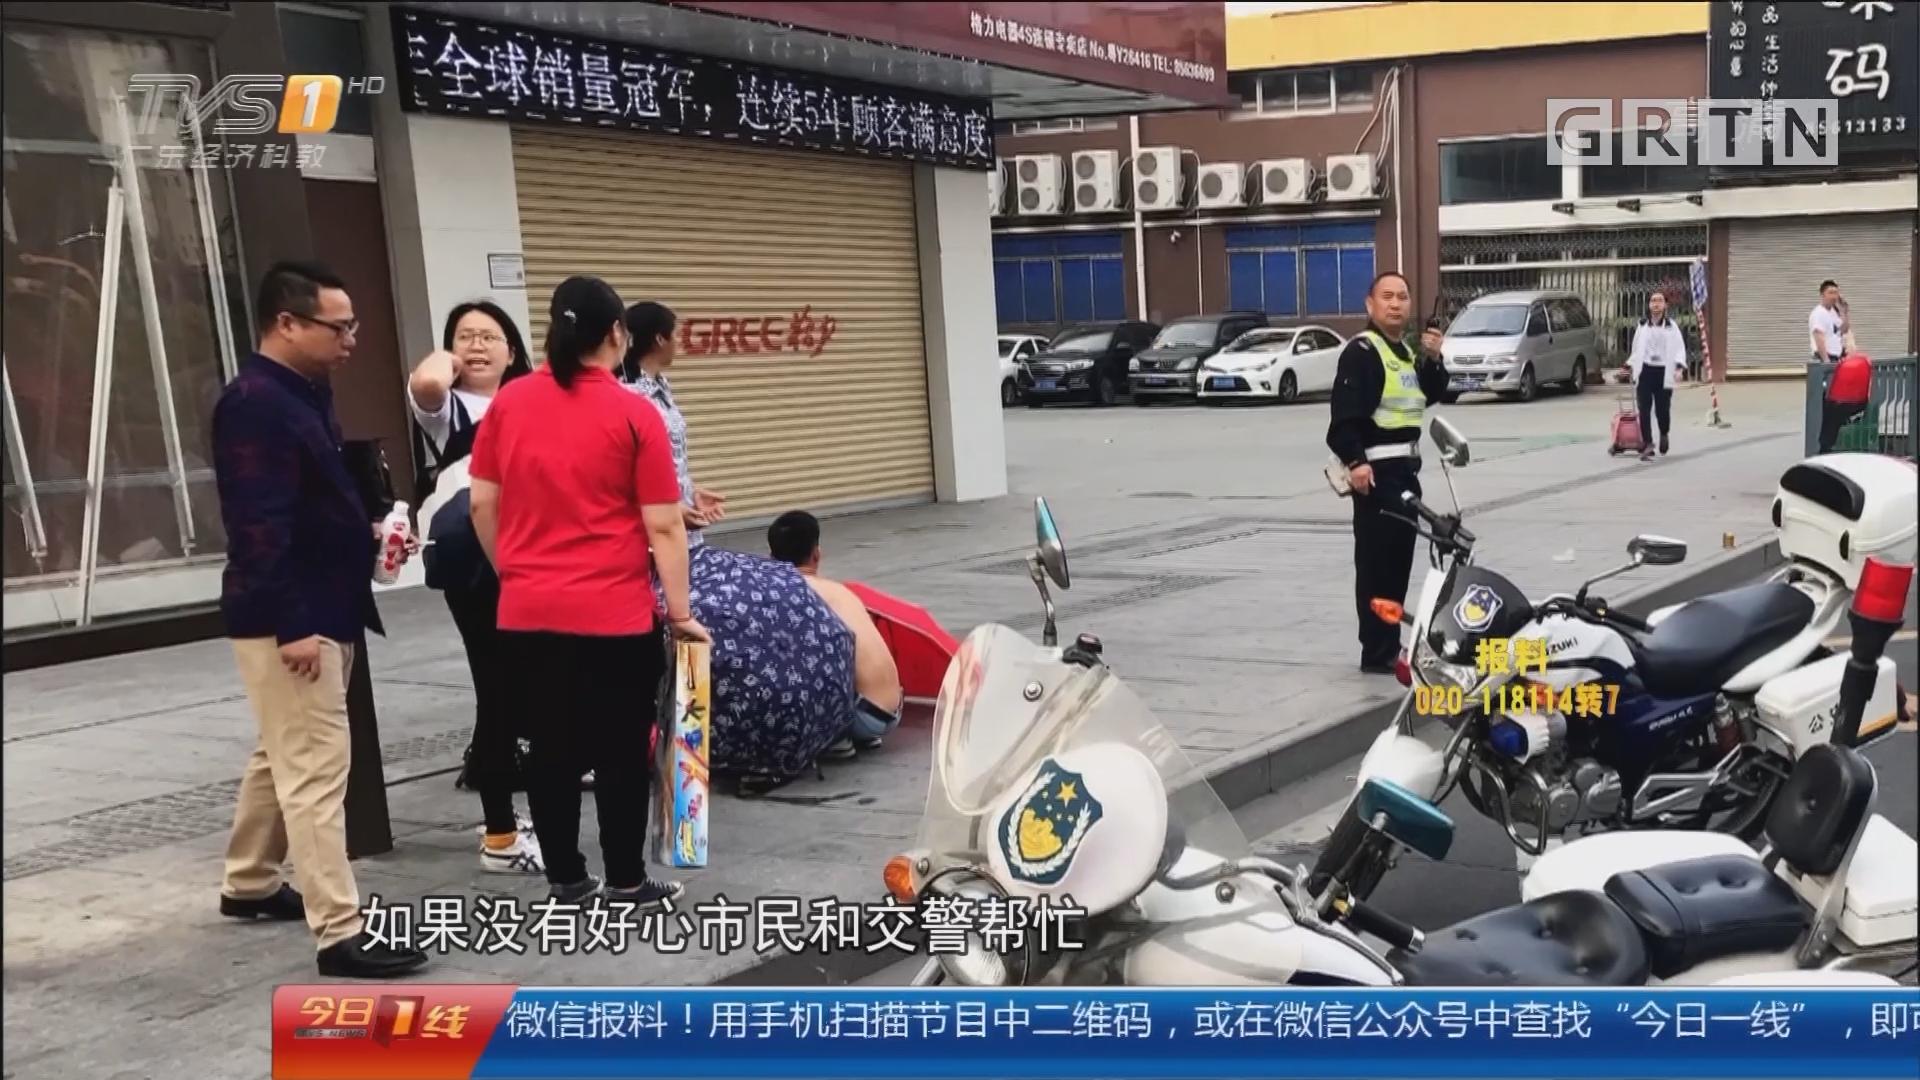 佛山南海:准妈妈路边产子 众街坊撑伞照应